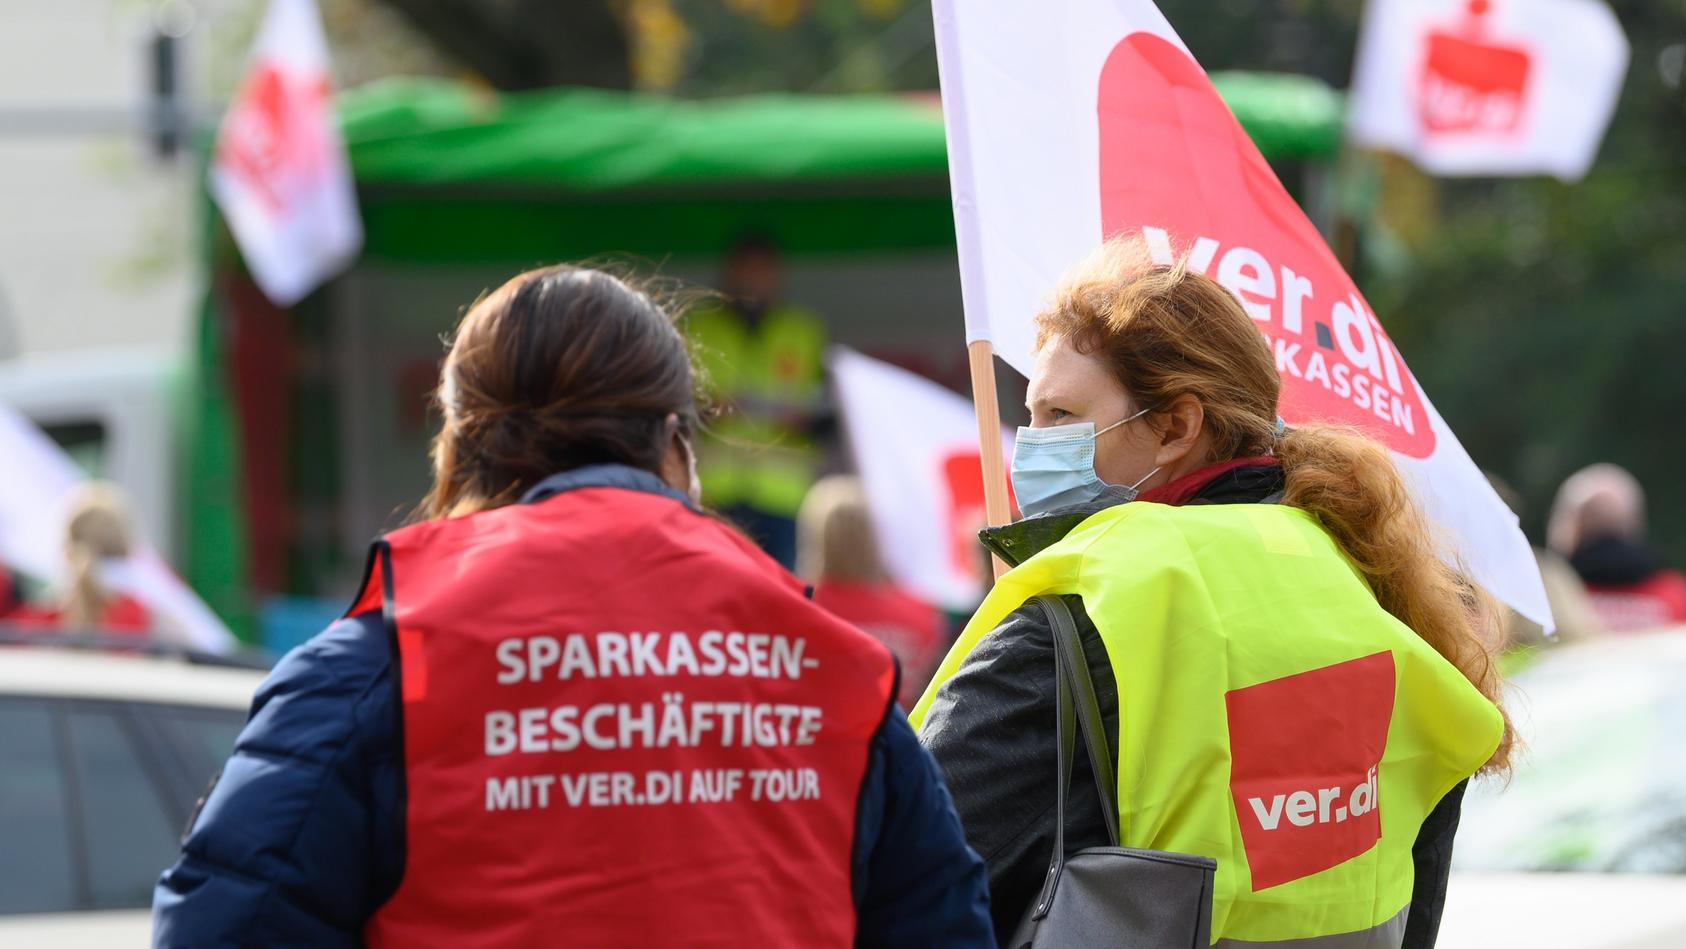 Warnstreiks im öffentlichen Dienst - Dresden